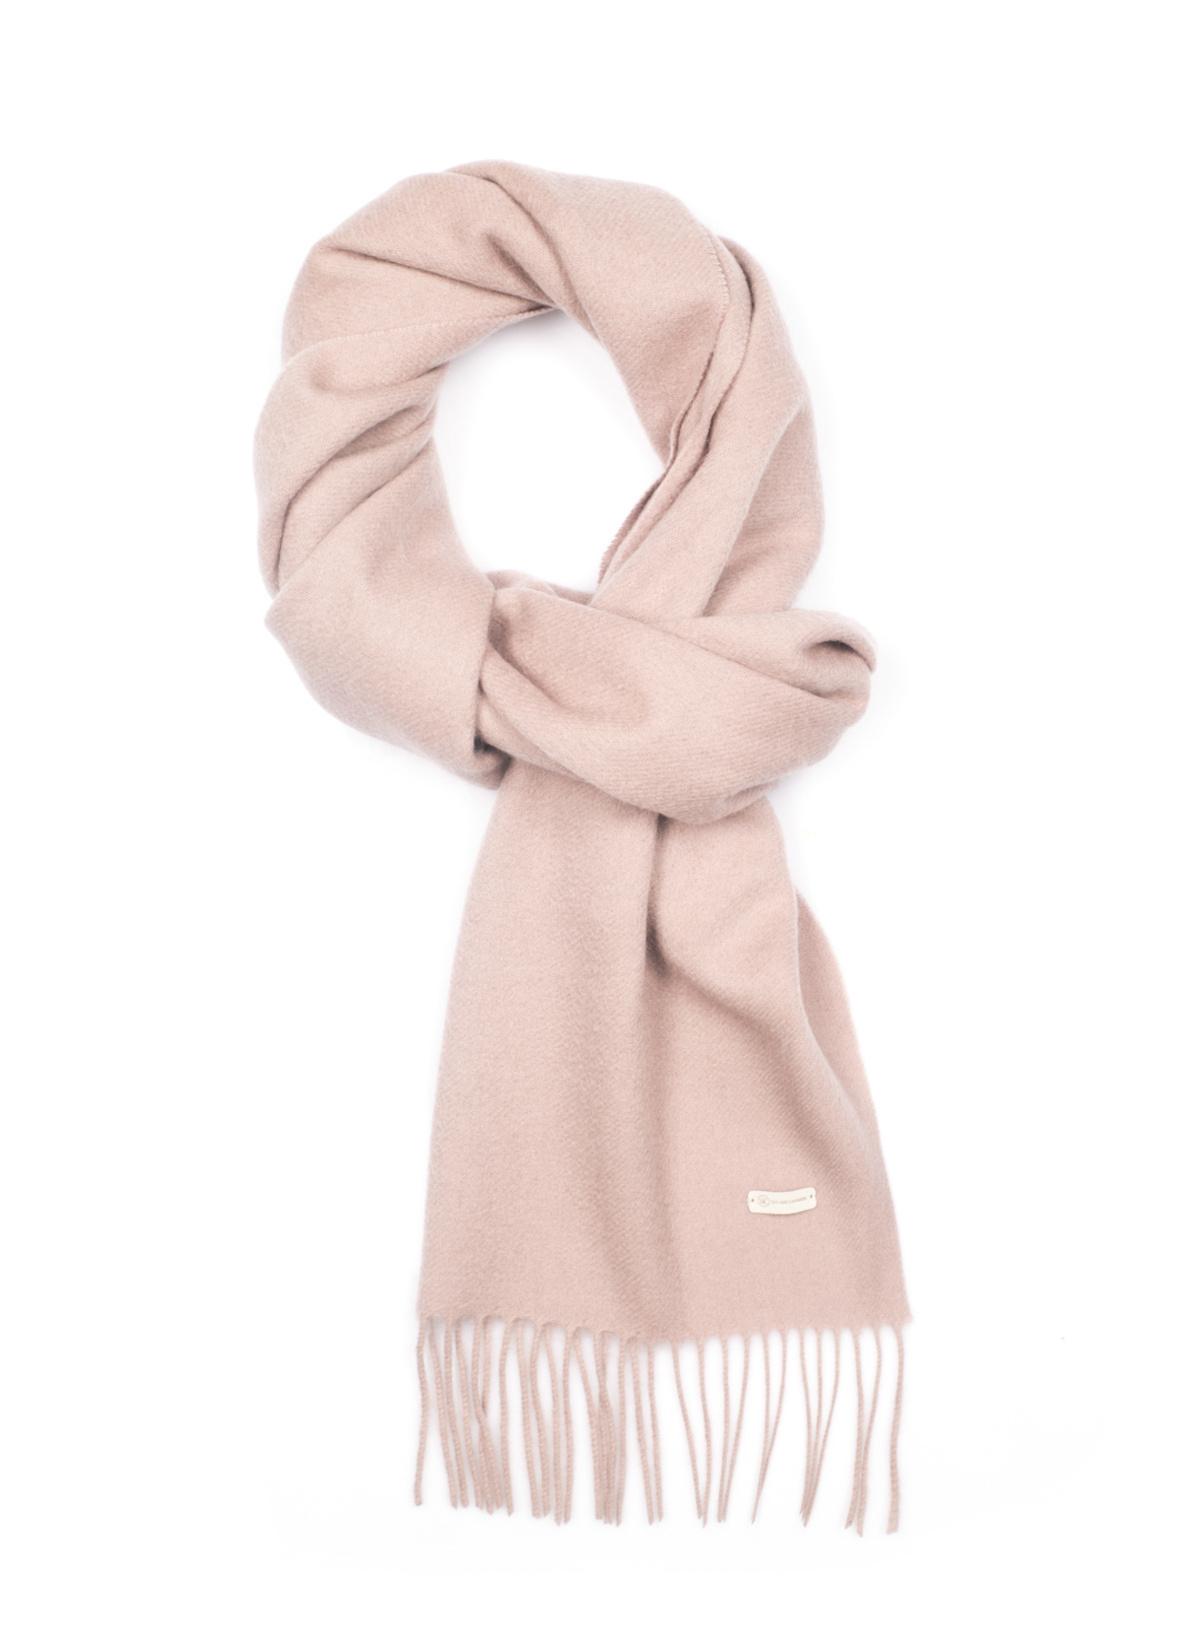 Silk And Cashmere Atkı Kaşmir Karışımlı Oxford Basic Atkı – 207.0 TL